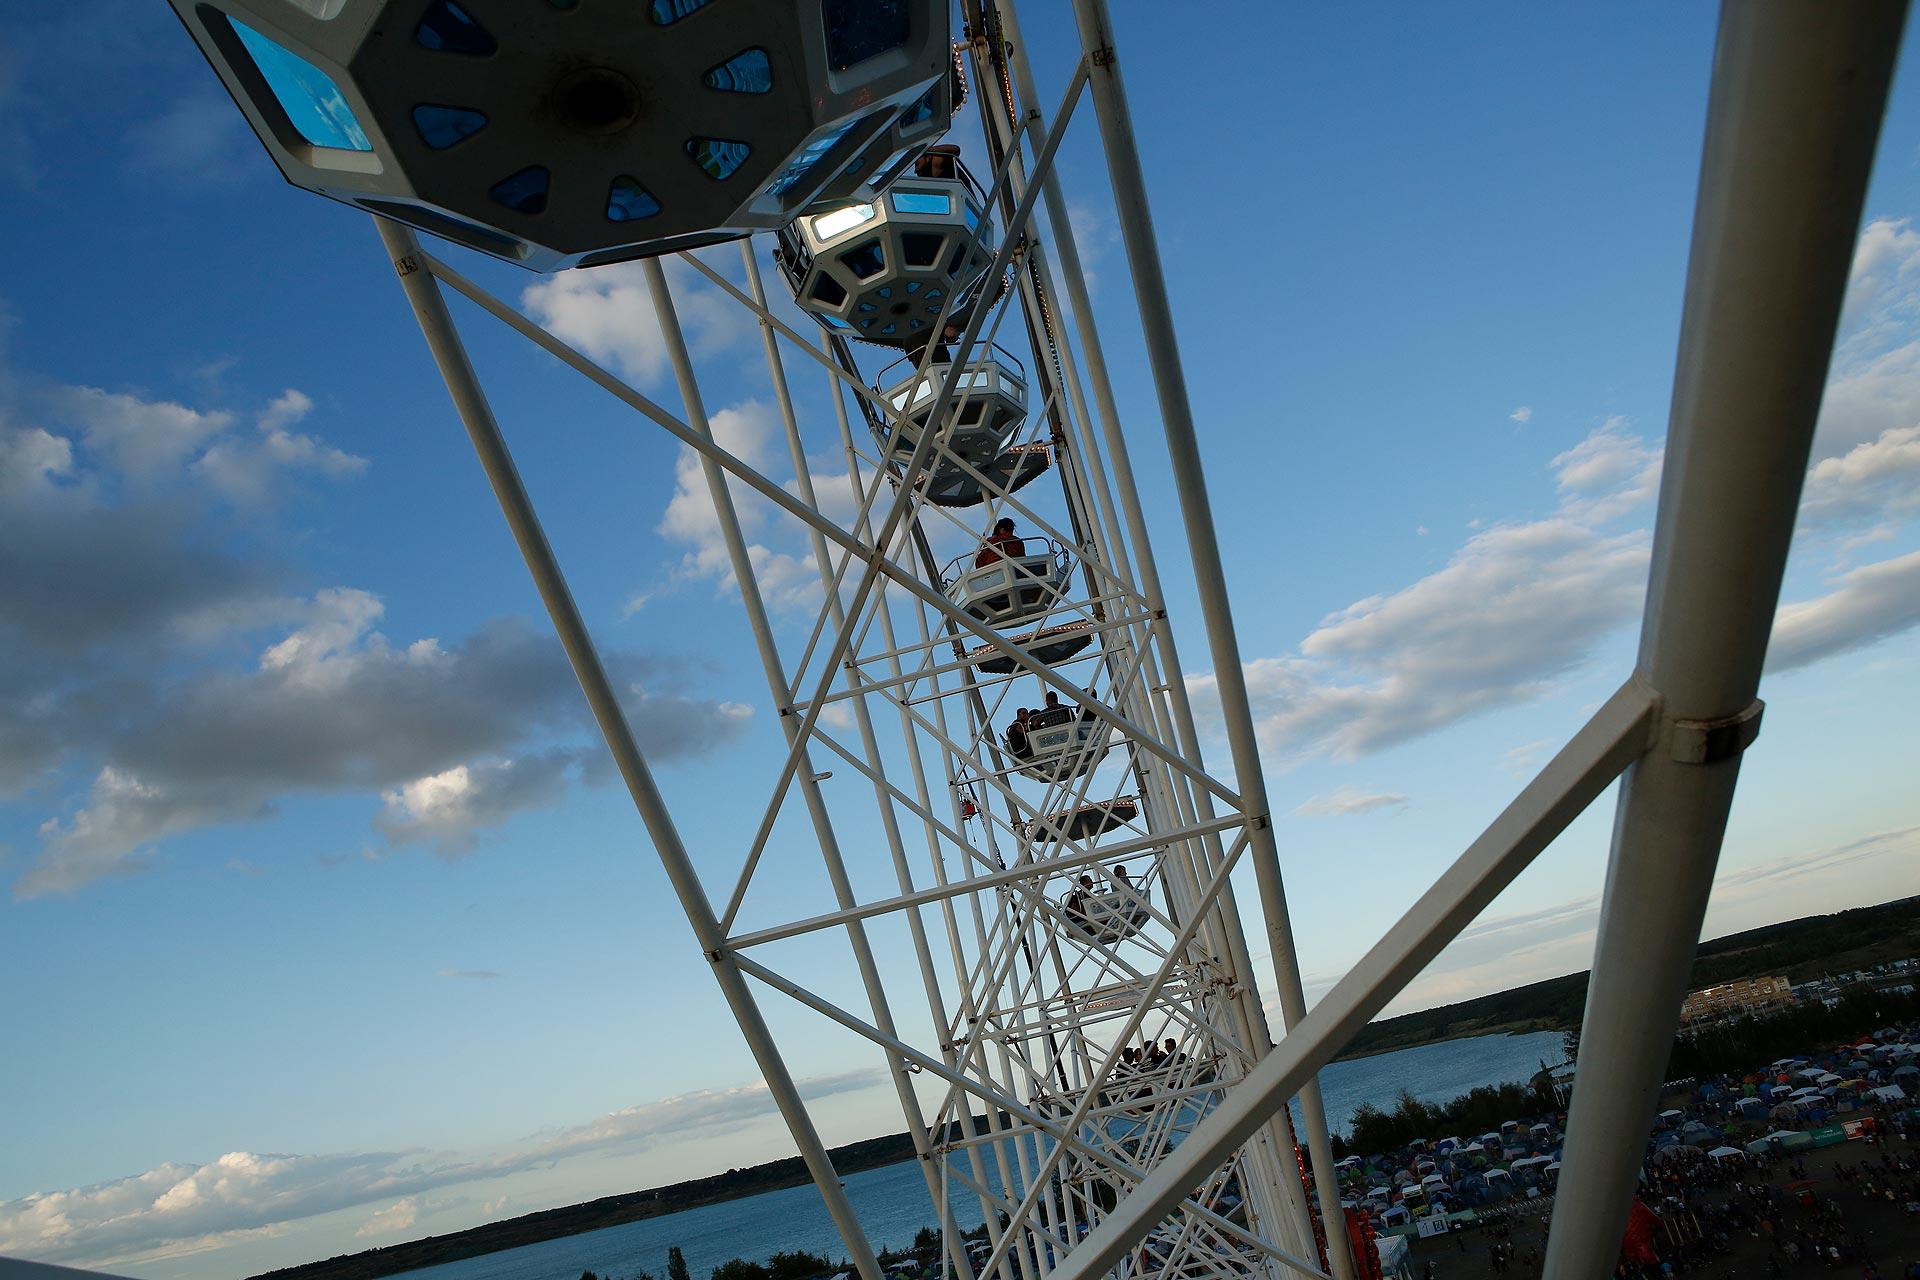 Der Blick vom Riesenrad auf das Highfield